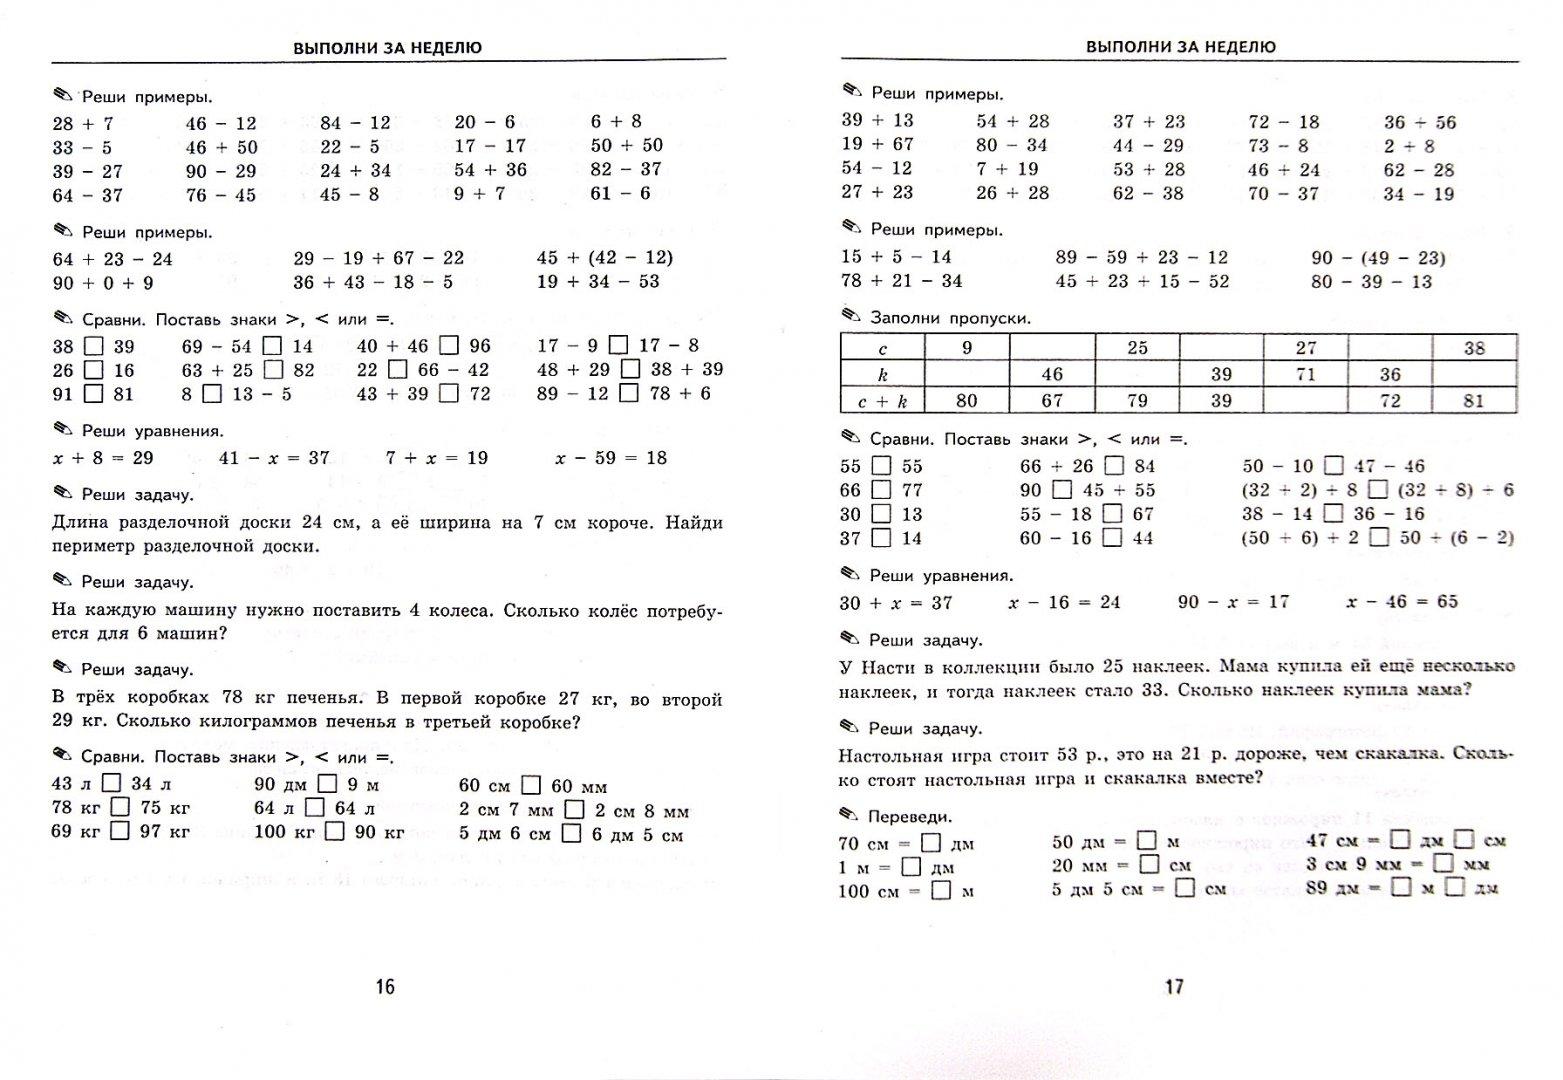 Иллюстрация 1 из 54 для Математика. 2 класс. Тренировочные примеры. Задания для повторения и закрепления. ФГОС - Марта Кузнецова | Лабиринт - книги. Источник: Лабиринт